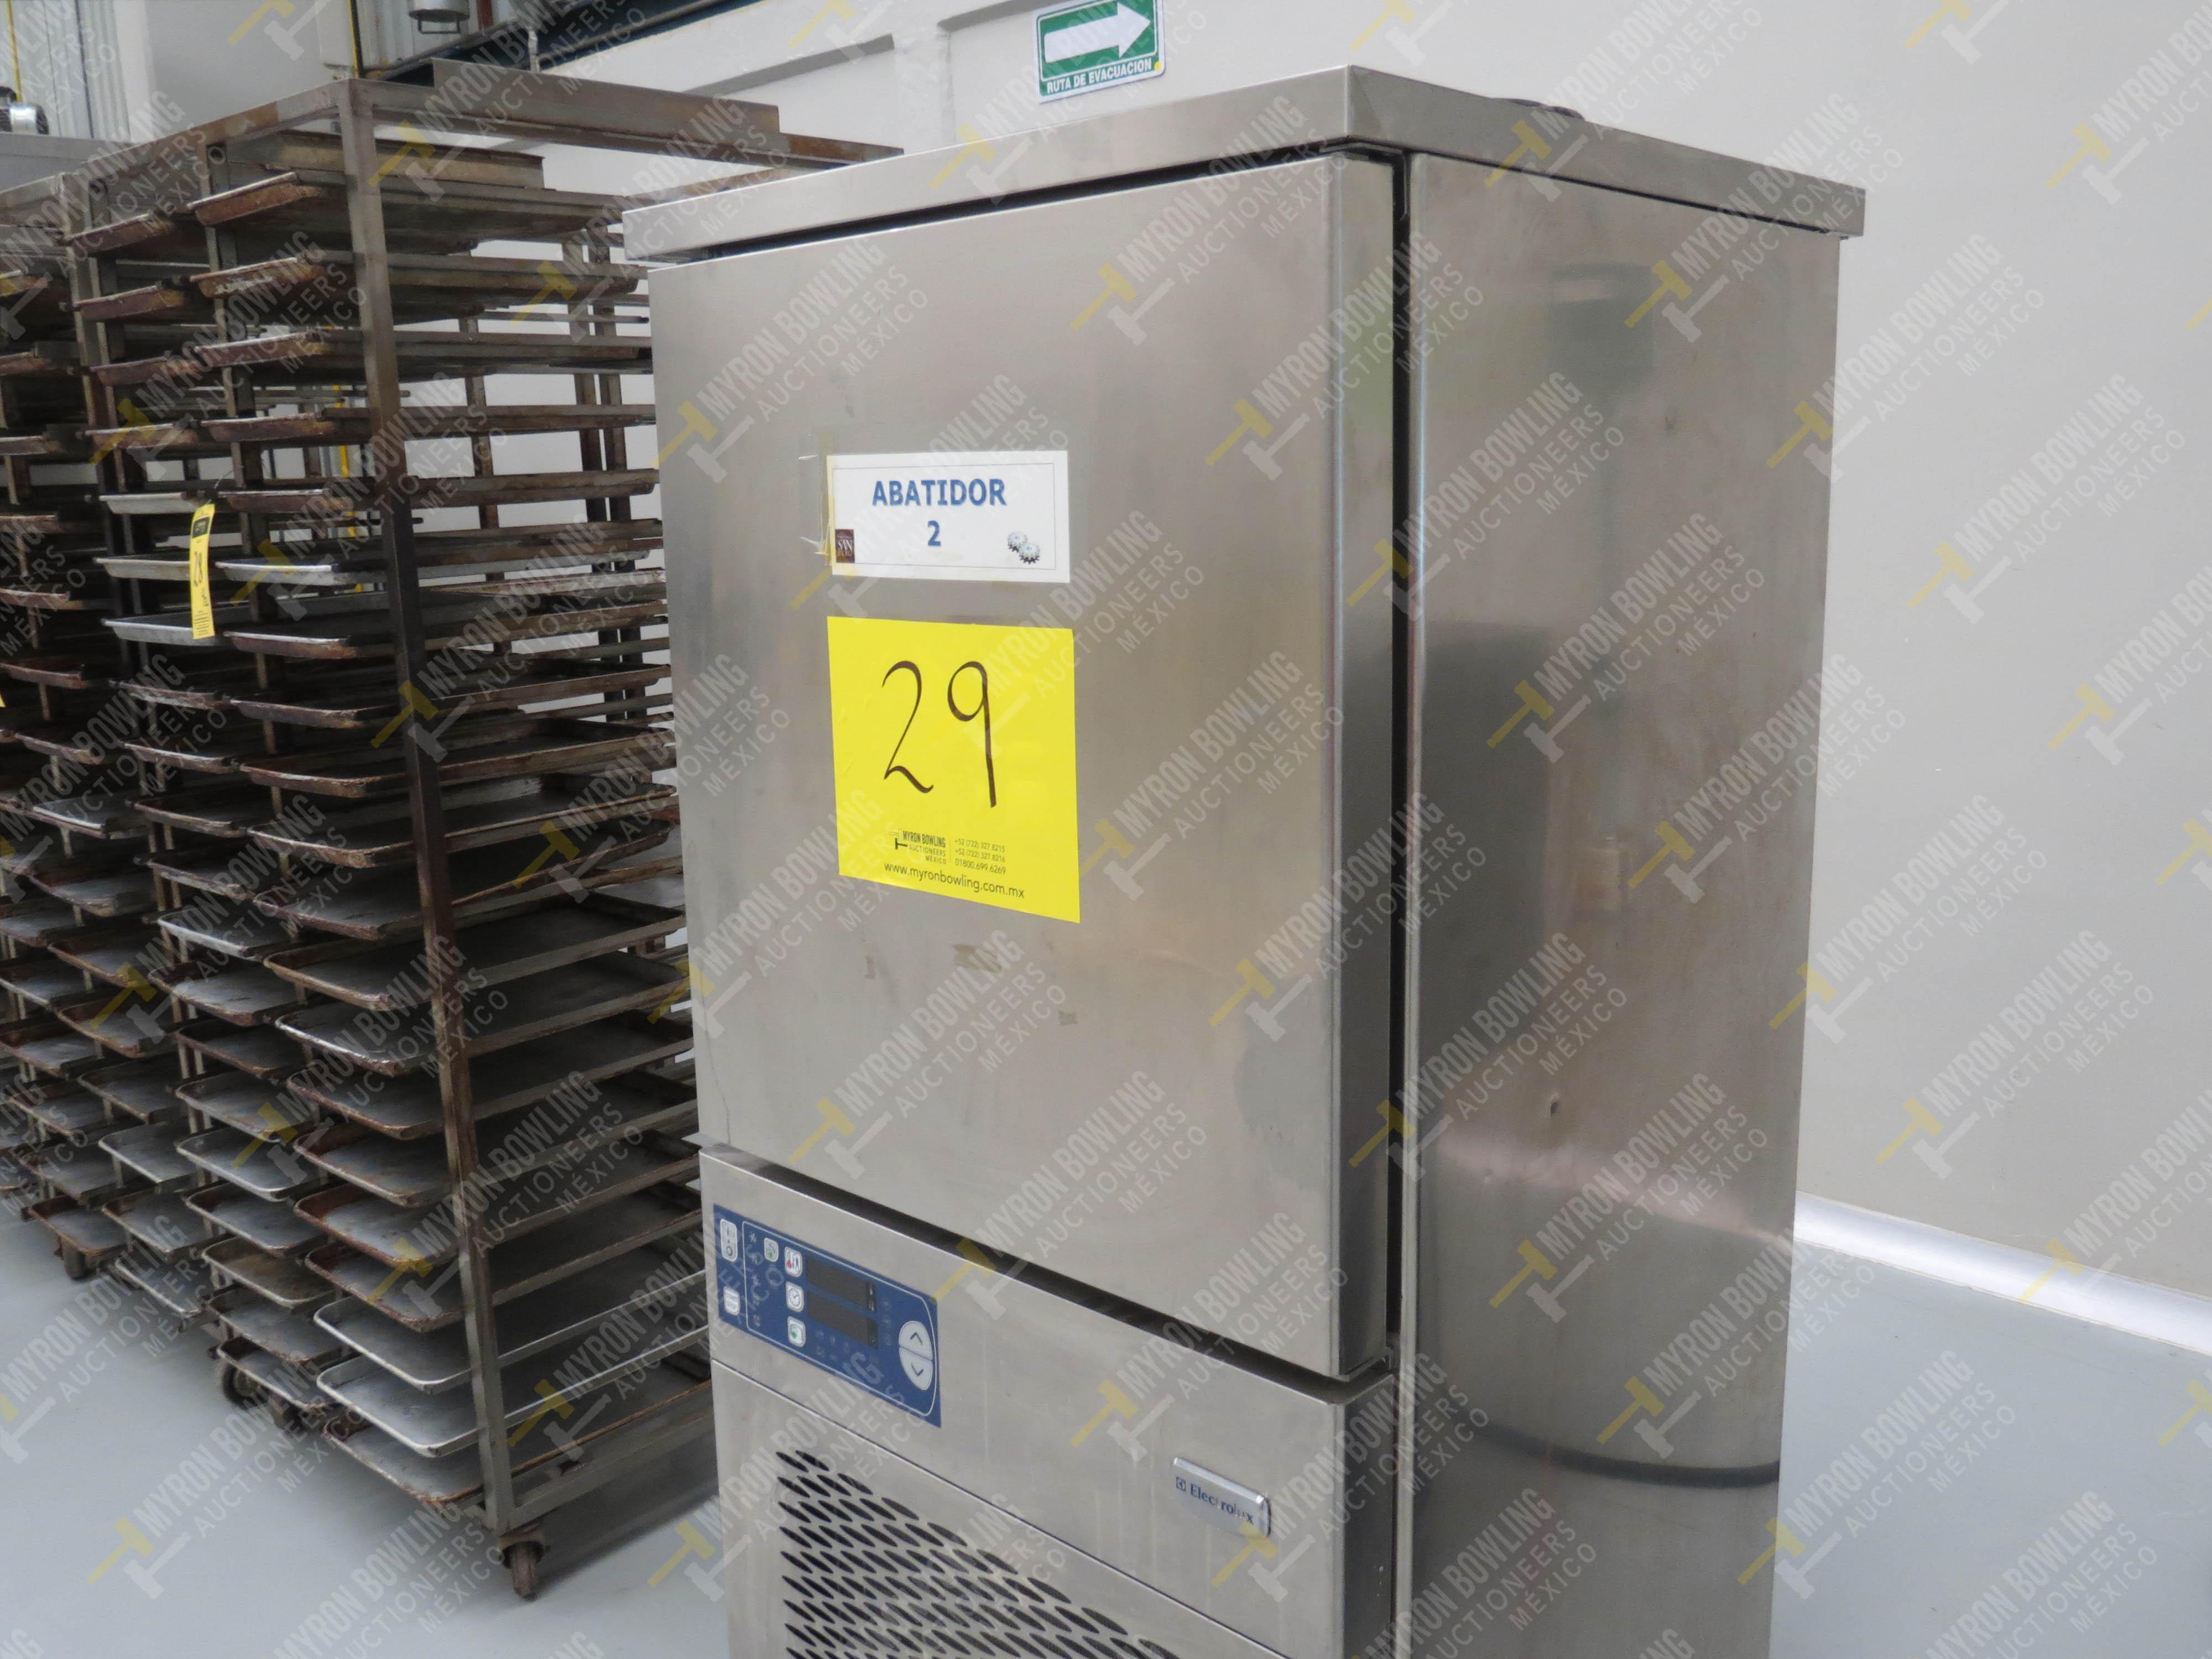 Abatidor de temperatura marca Electrolux - Image 2 of 5